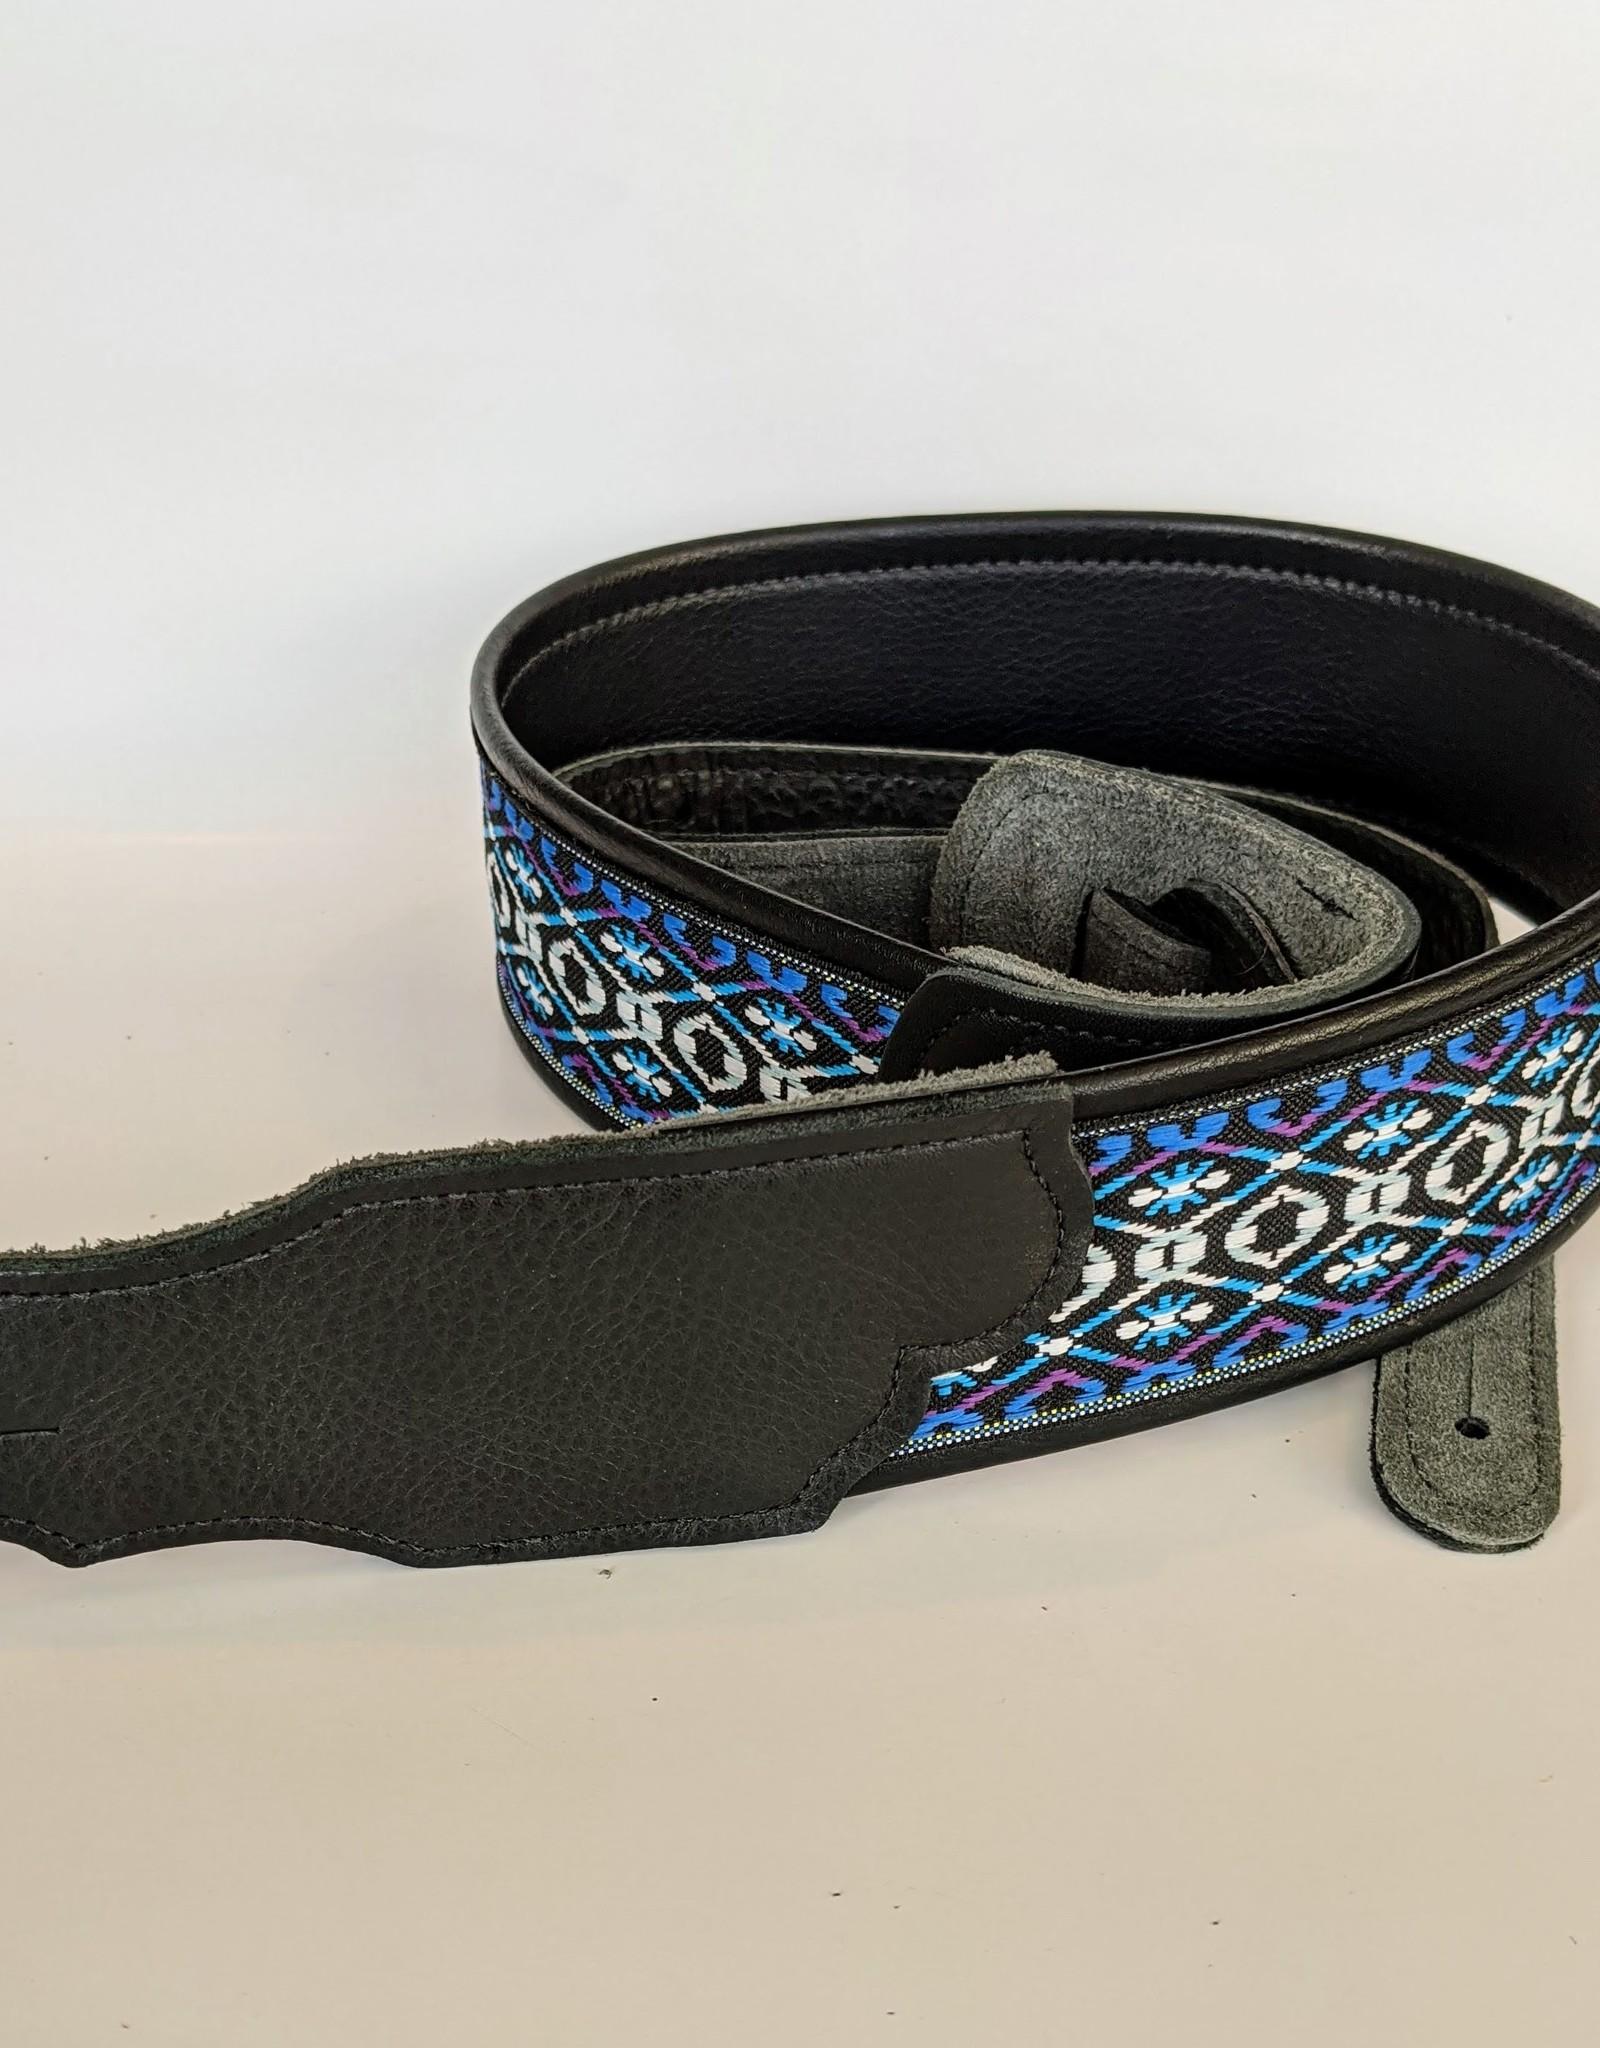 Franklin Straps Blue/Purple Retro Deluxe Jacquared/Fauz Leather back Guitar Strap